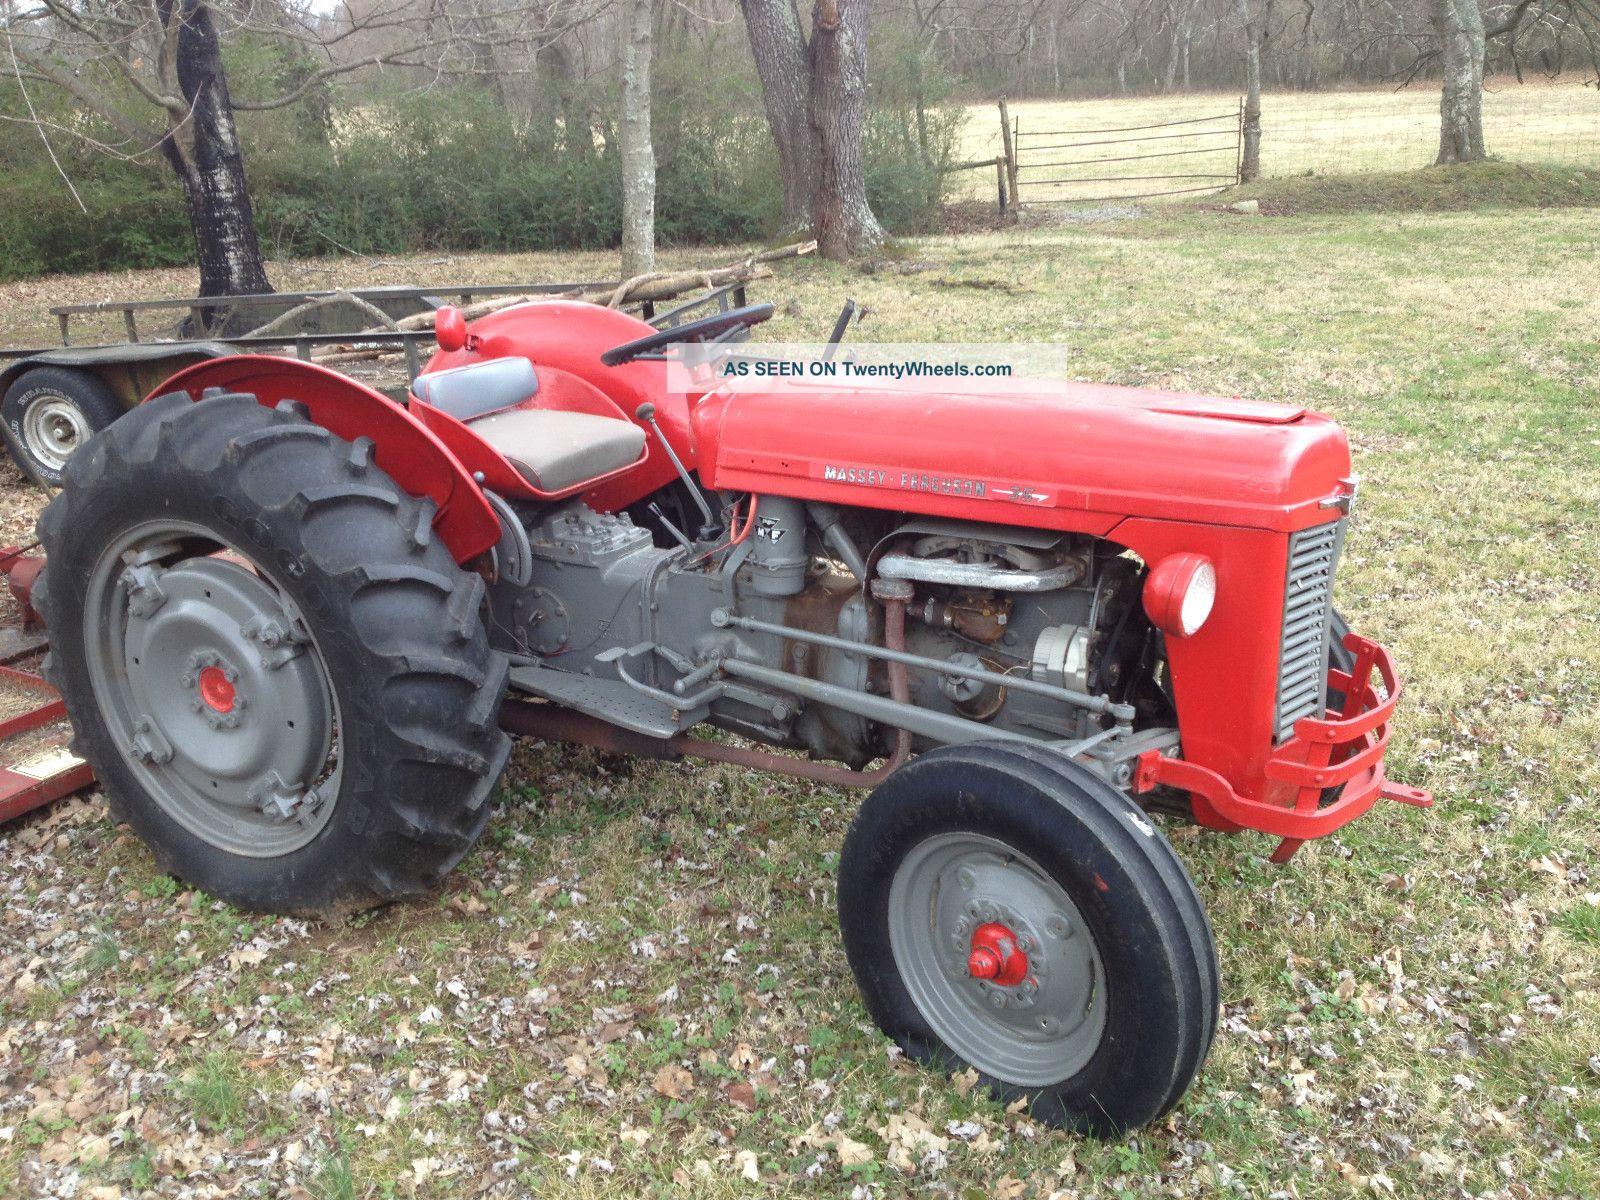 Massey Ferguson 35 Tractor : Massey ferguson tractor with agri bush hog